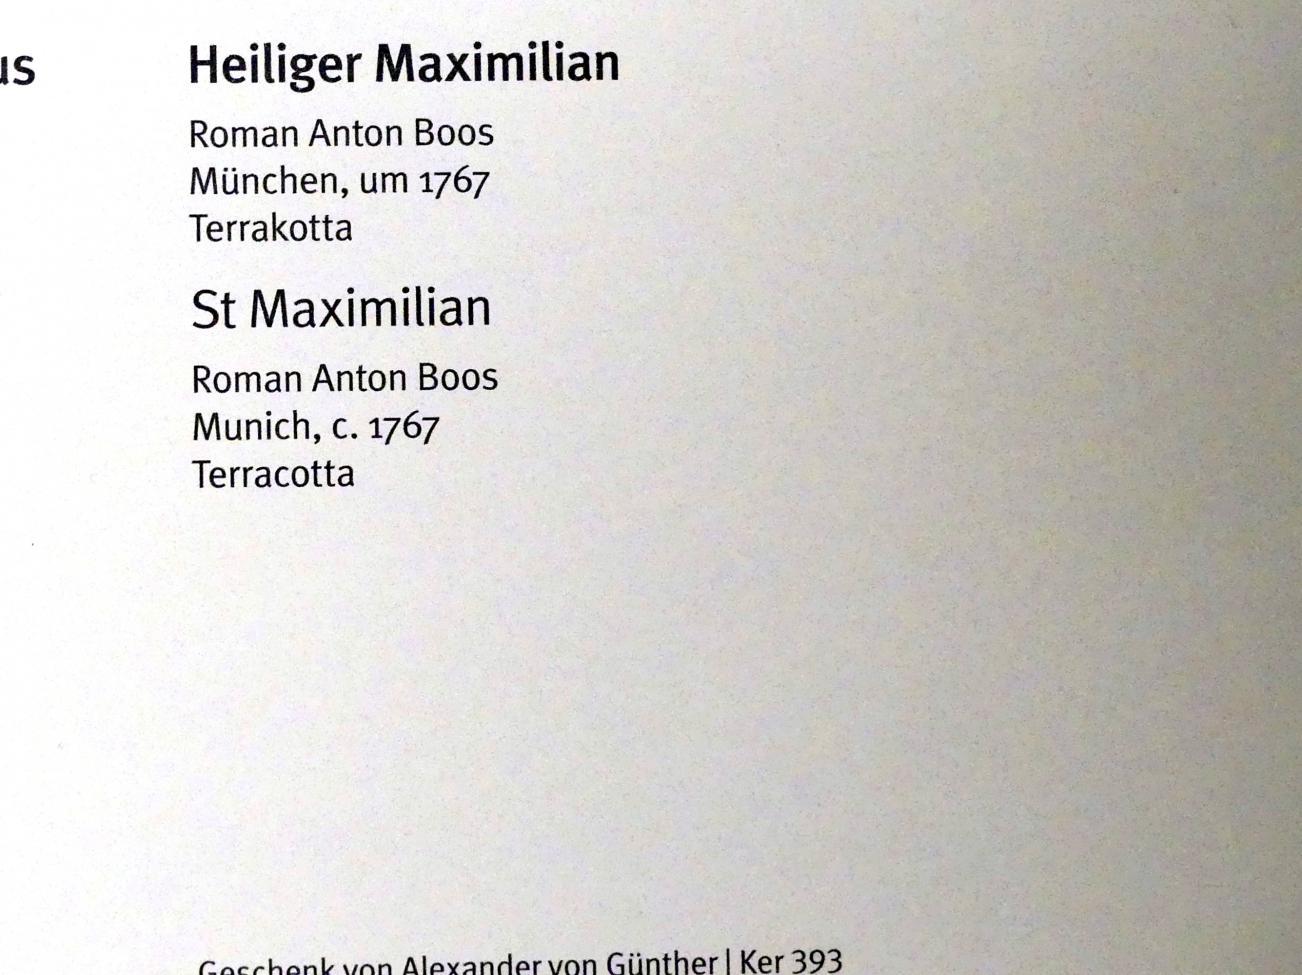 Roman Anton Boos: Heiliger Maximilian, um 1767, Bild 3/3